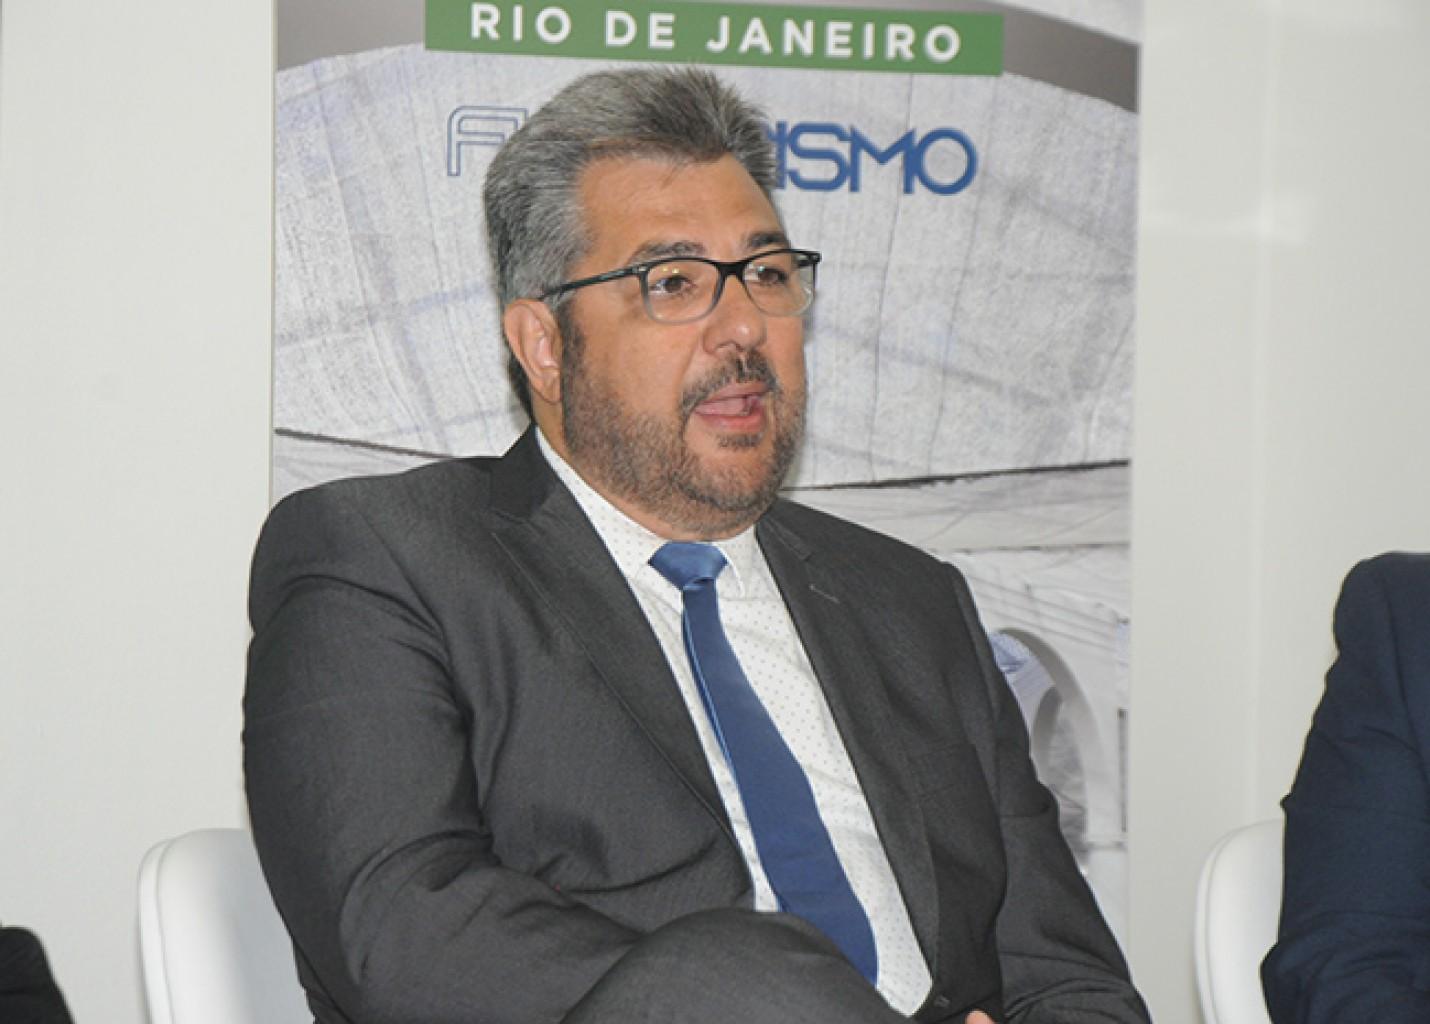 Maioria das operadoras terá queda de mais de 50% no faturamento do 1° semestre